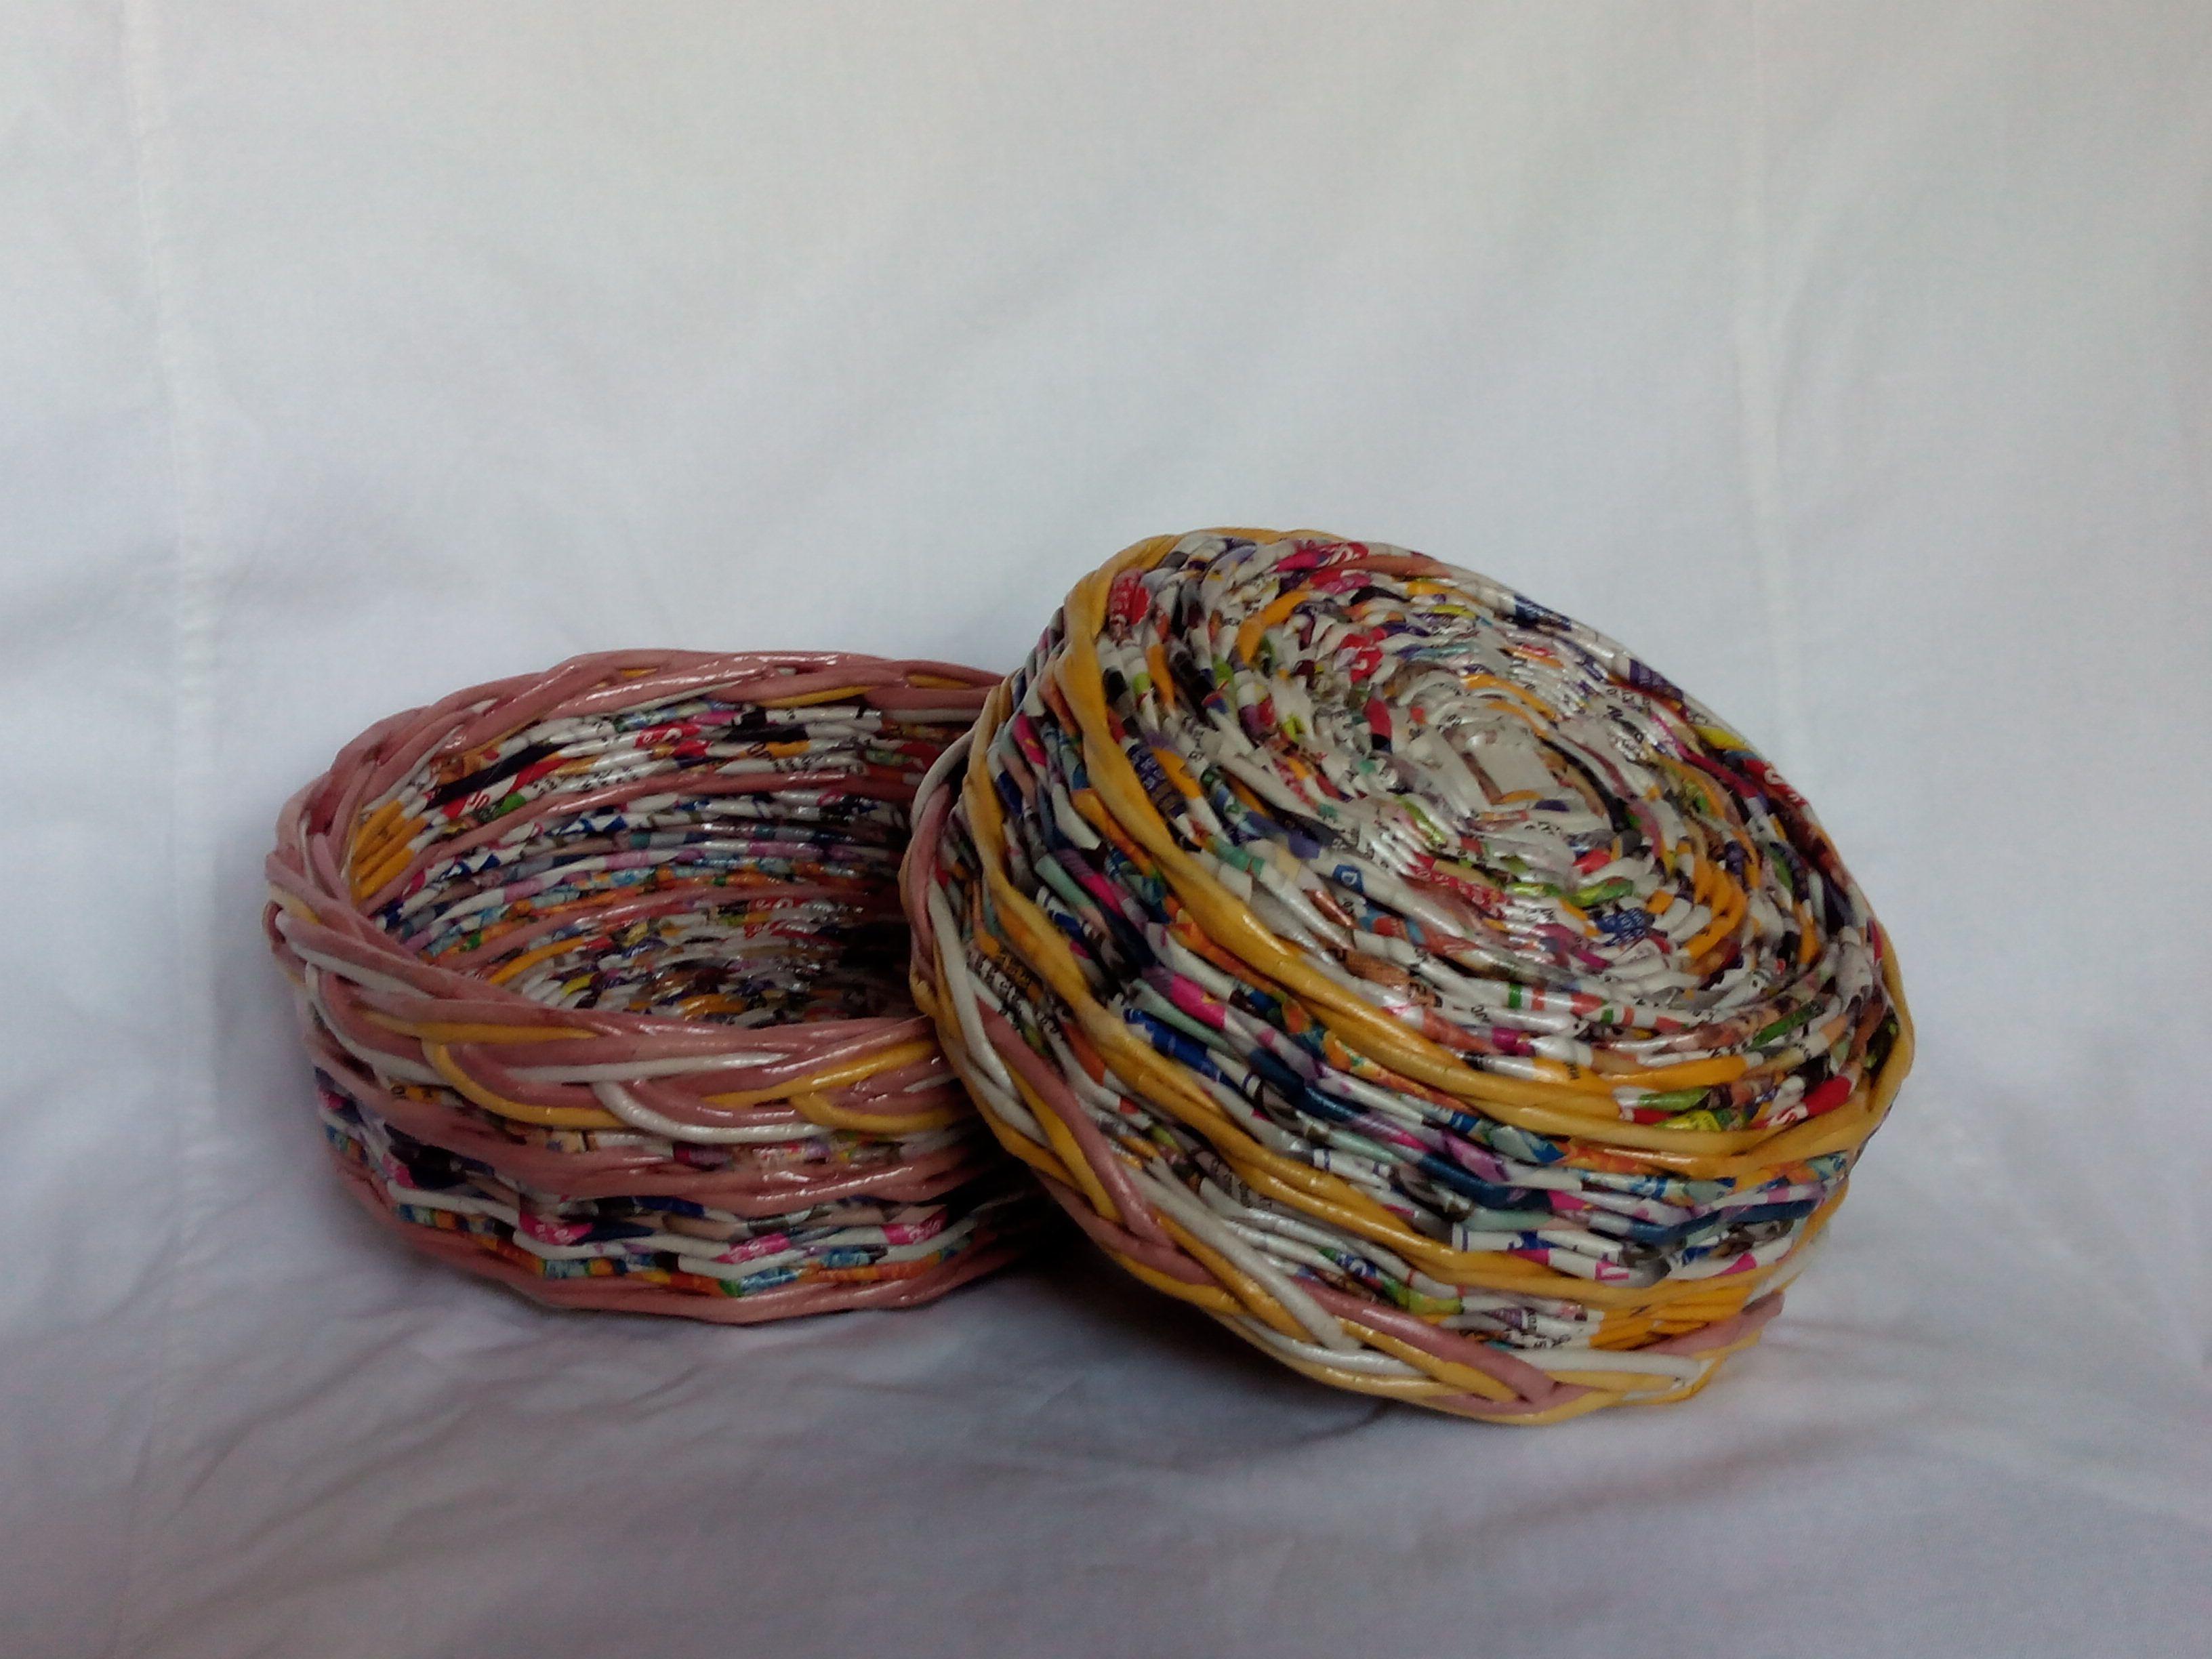 посуда дома интерьер из кухня для трубочек декоративная и подарки плетеные бумажные лоза утварь блюда газетных тарелки газетная оригинальные кухонная изделия